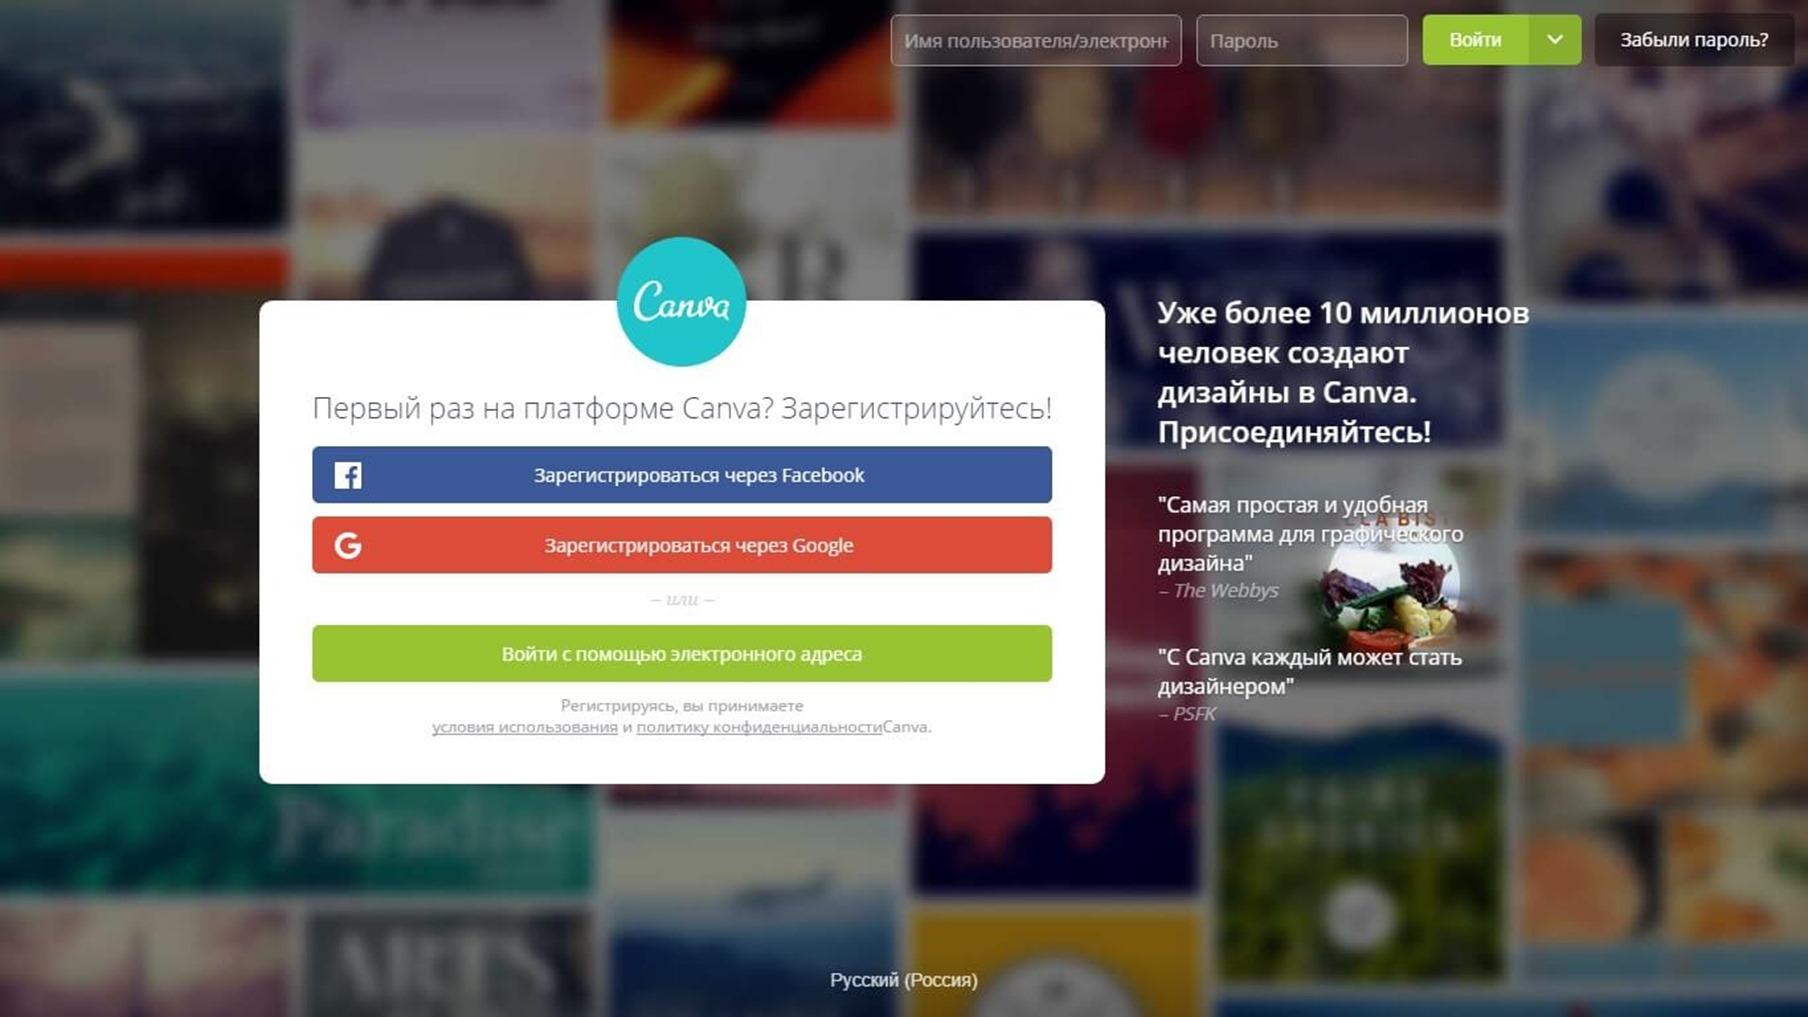 Создаем дизайн иллюстраций онлайн в Canva